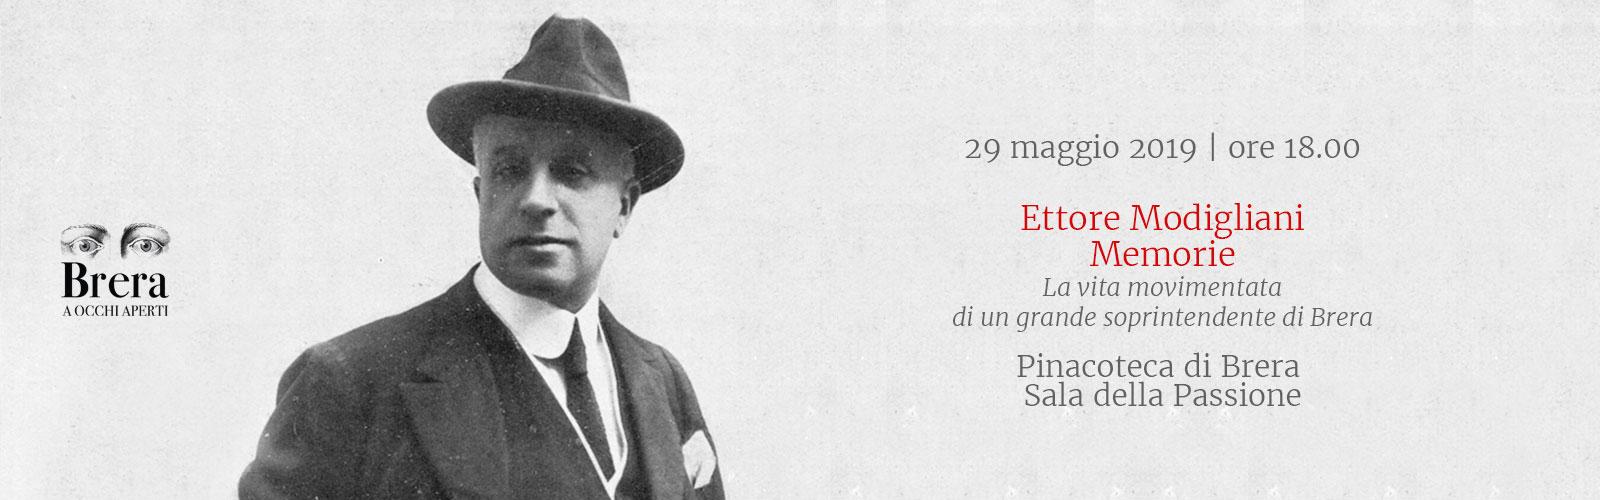 Ettore Modigliani Memorie<br><em>La vita movimentata di un grande soprintendente di Brera</em>